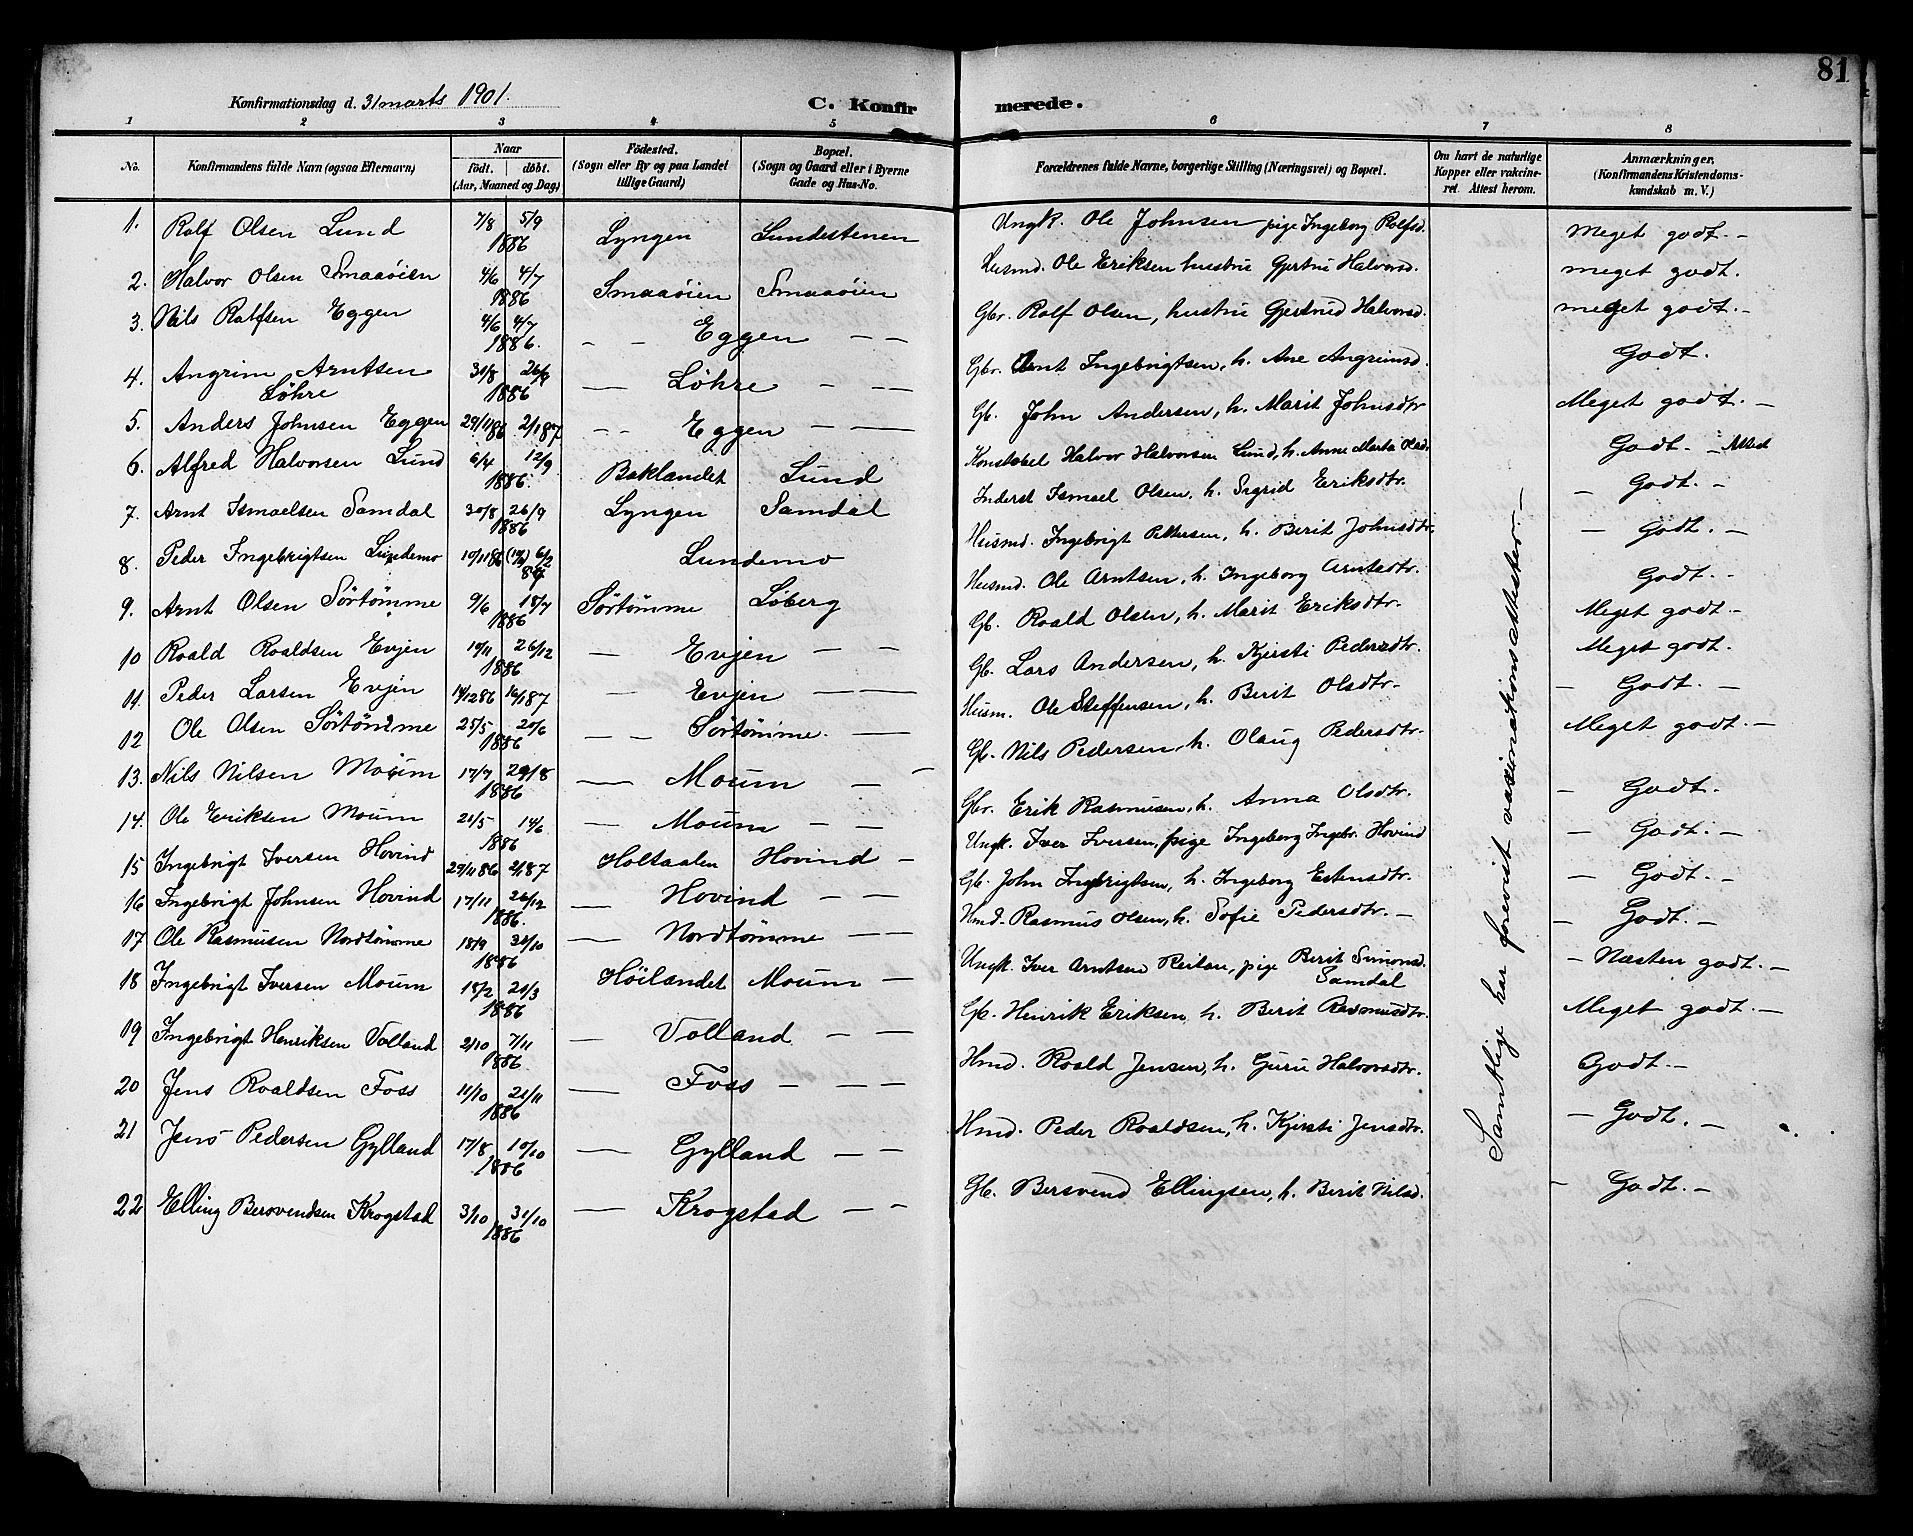 SAT, Ministerialprotokoller, klokkerbøker og fødselsregistre - Sør-Trøndelag, 692/L1111: Klokkerbok nr. 692C06, 1890-1904, s. 81